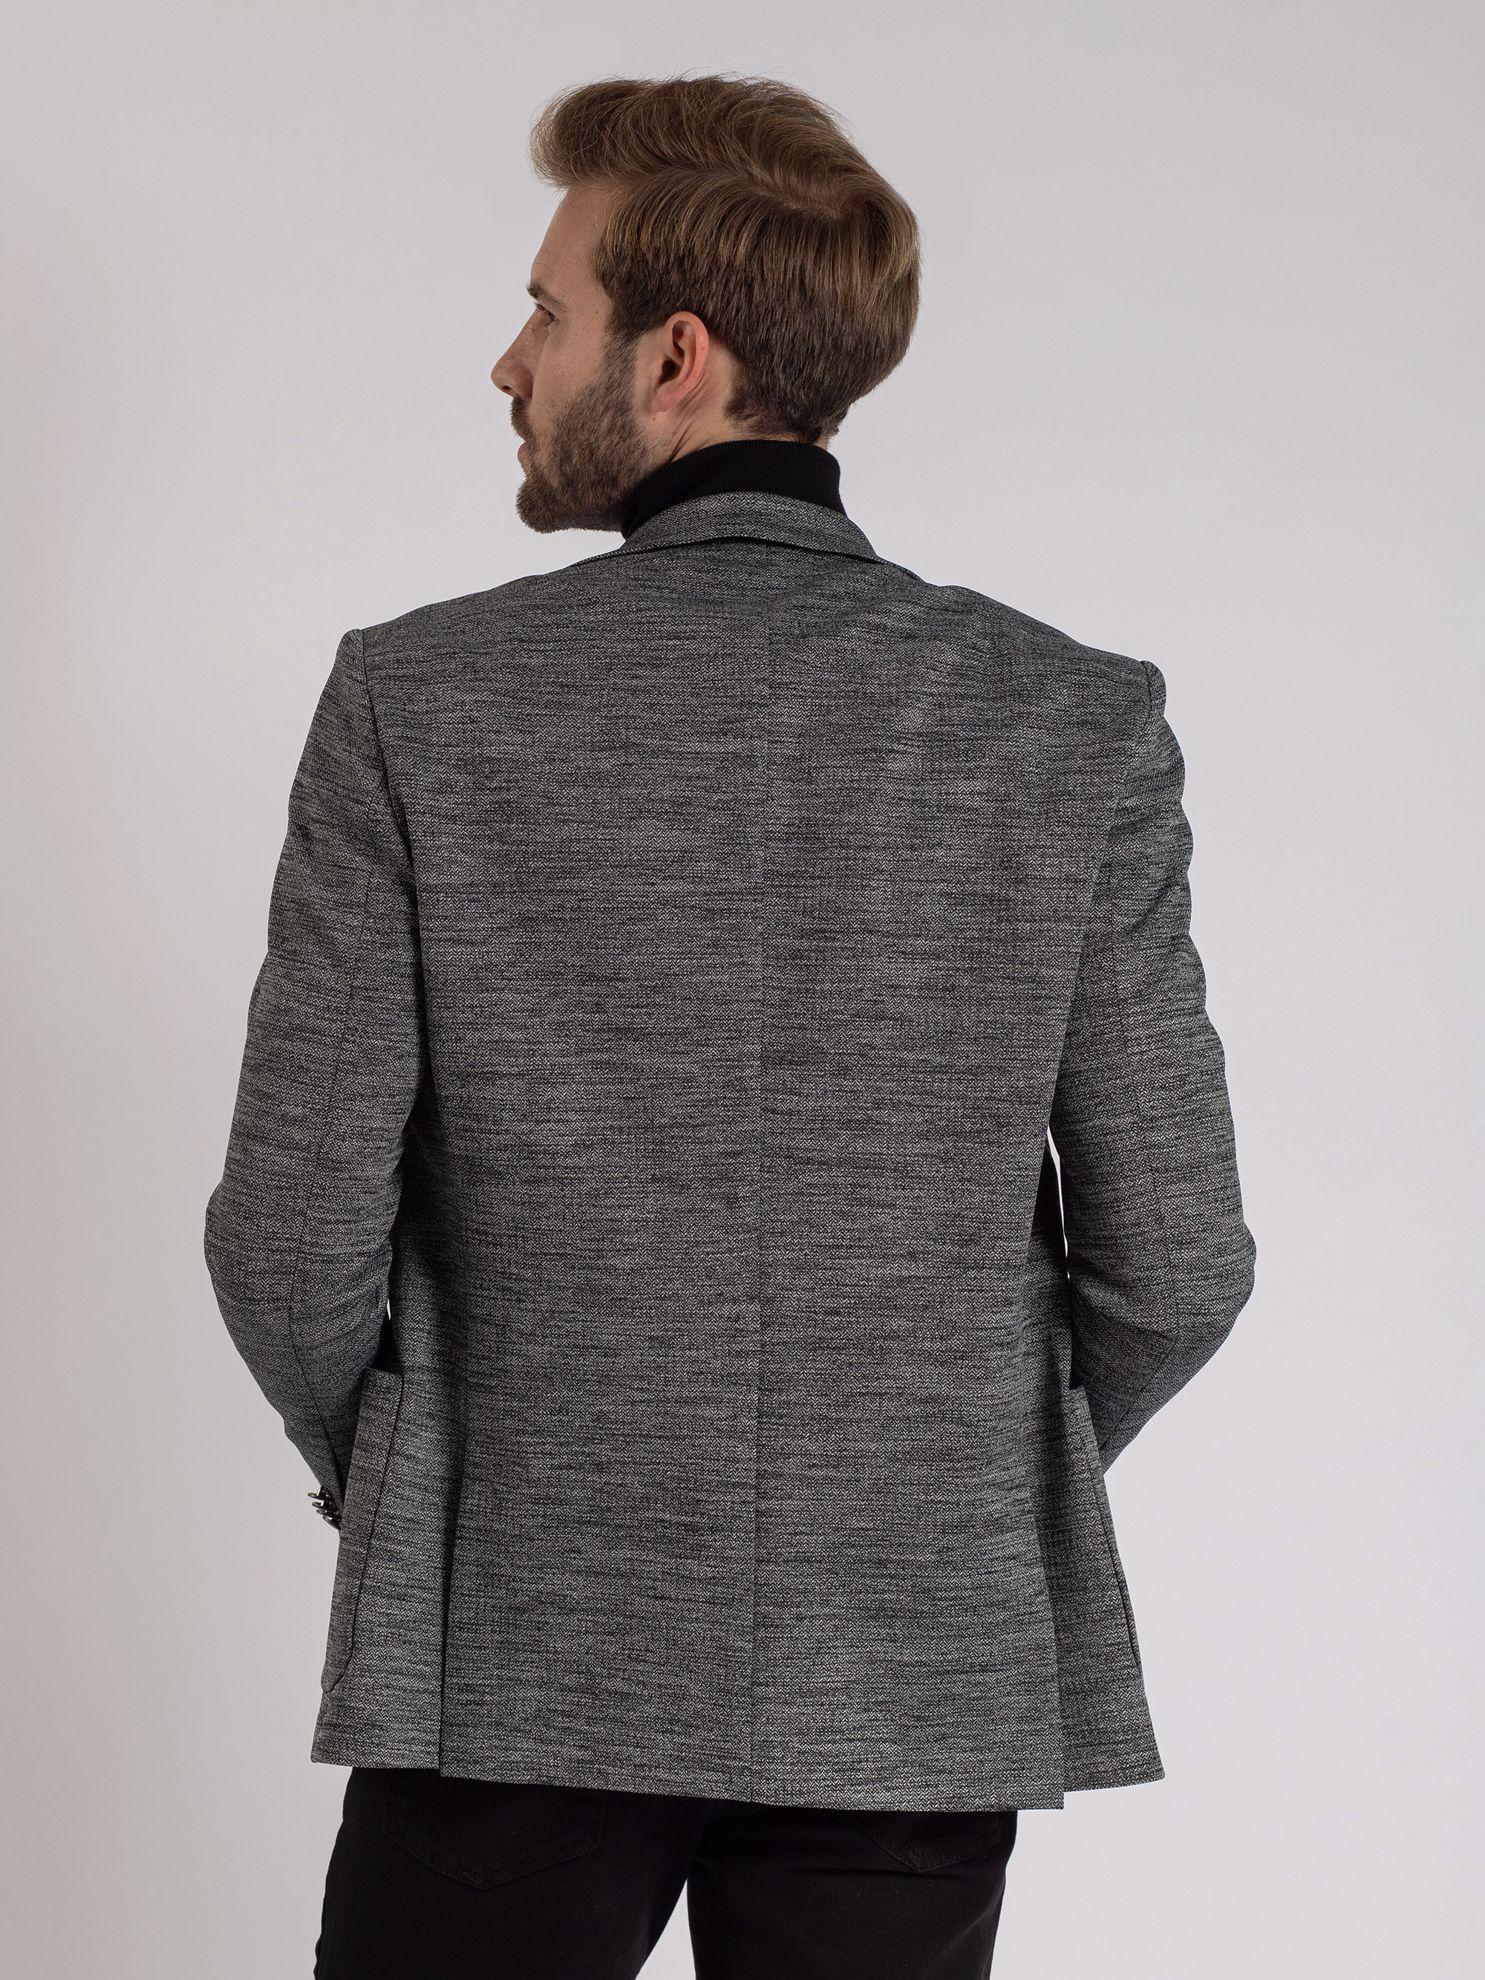 Toss Erkek 6 Drop Ceket-Gri. ürün görseli